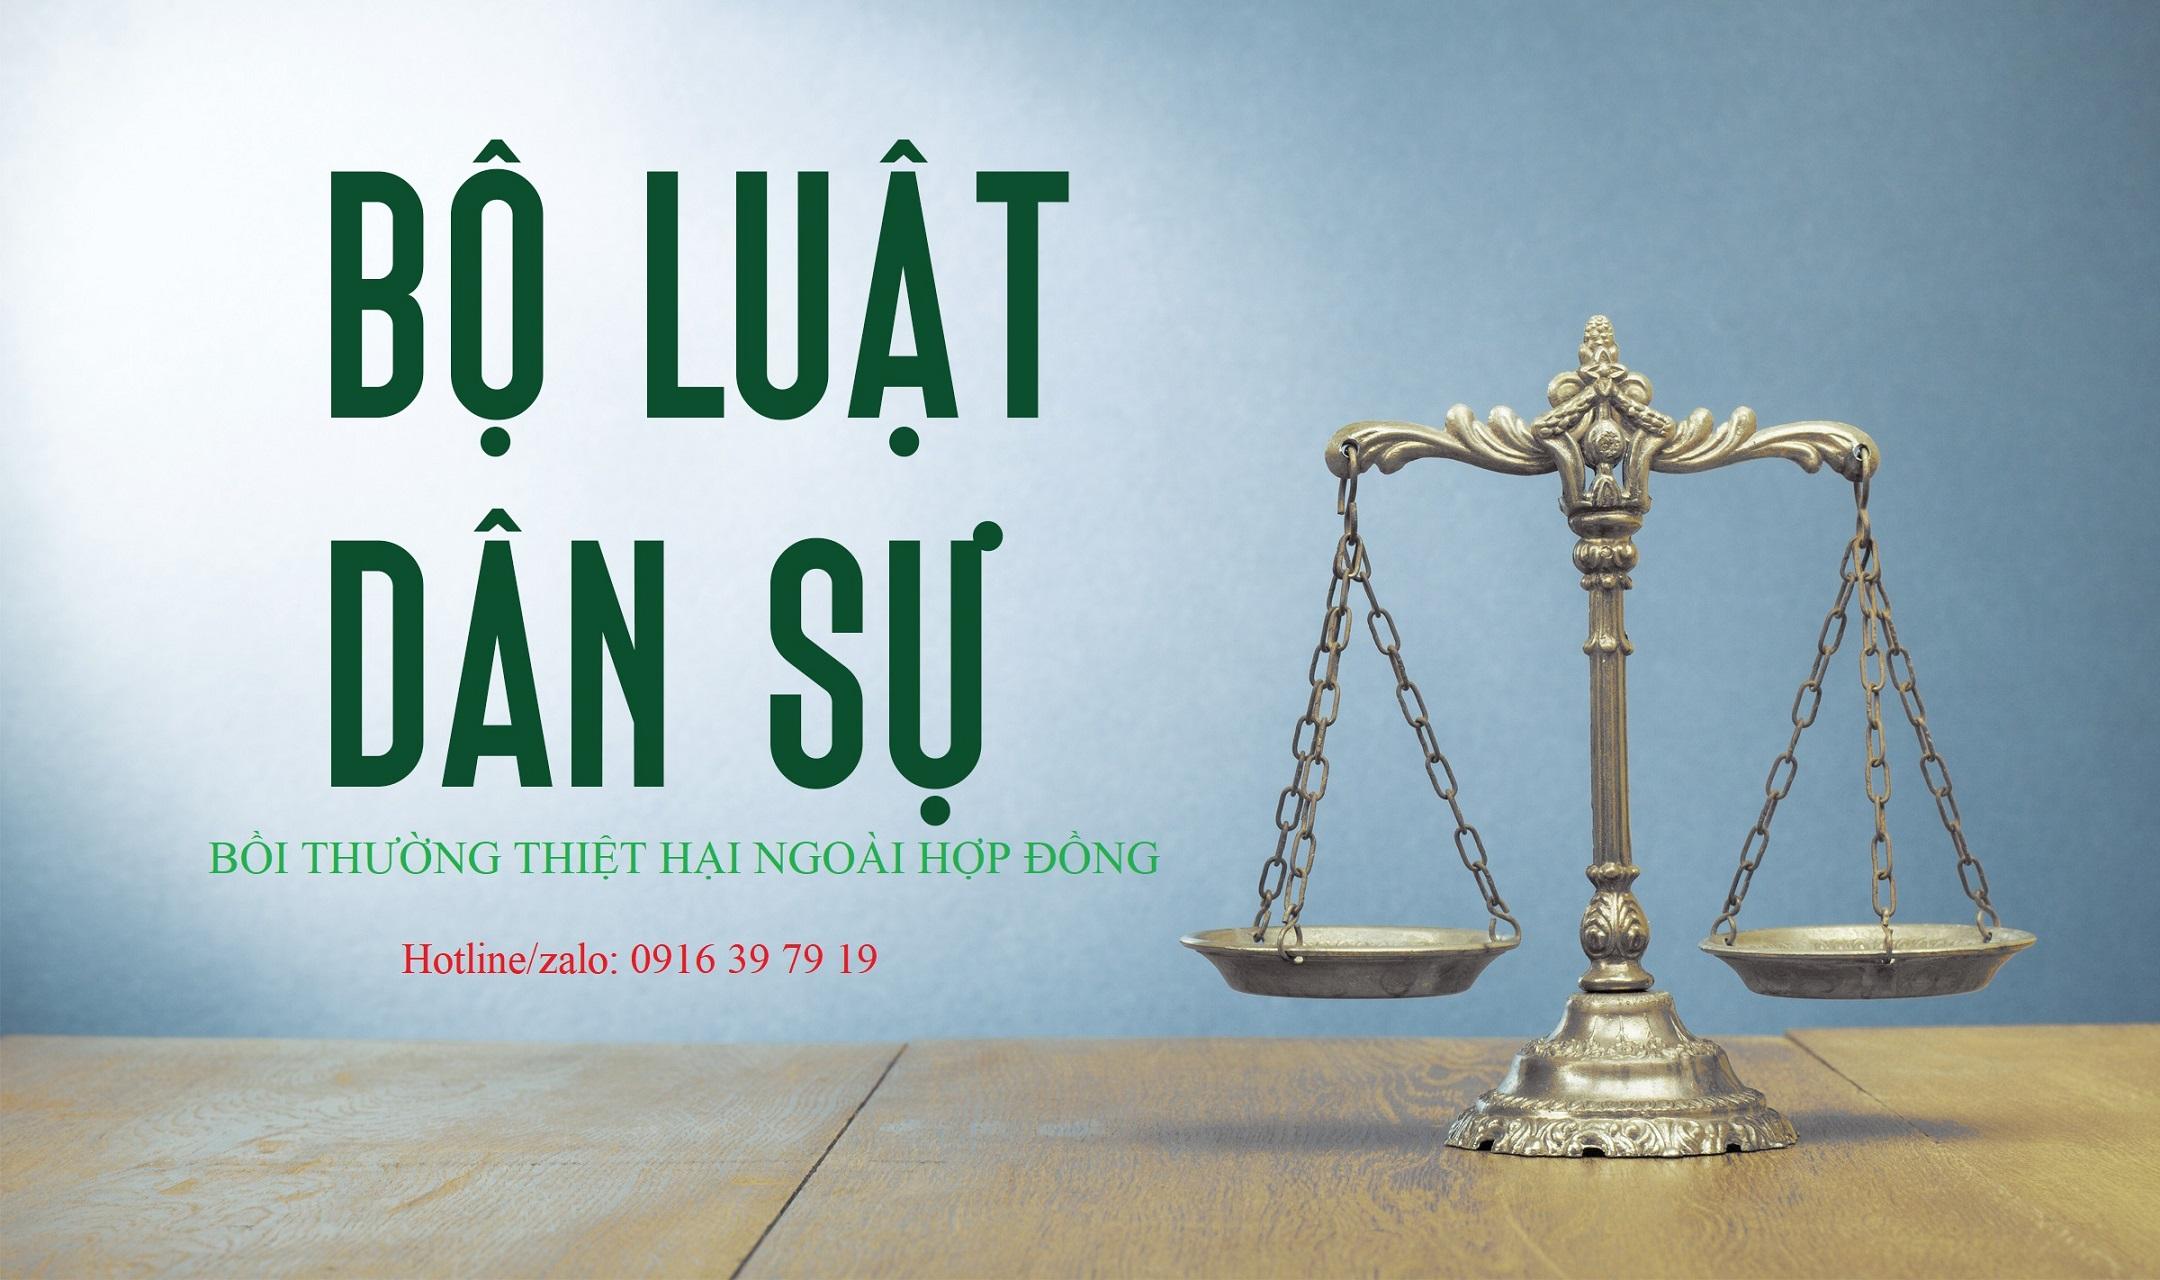 boi thuong thiet hai ngoai hop dong - Bồi thường thiệt hại ngoài hợp đồng